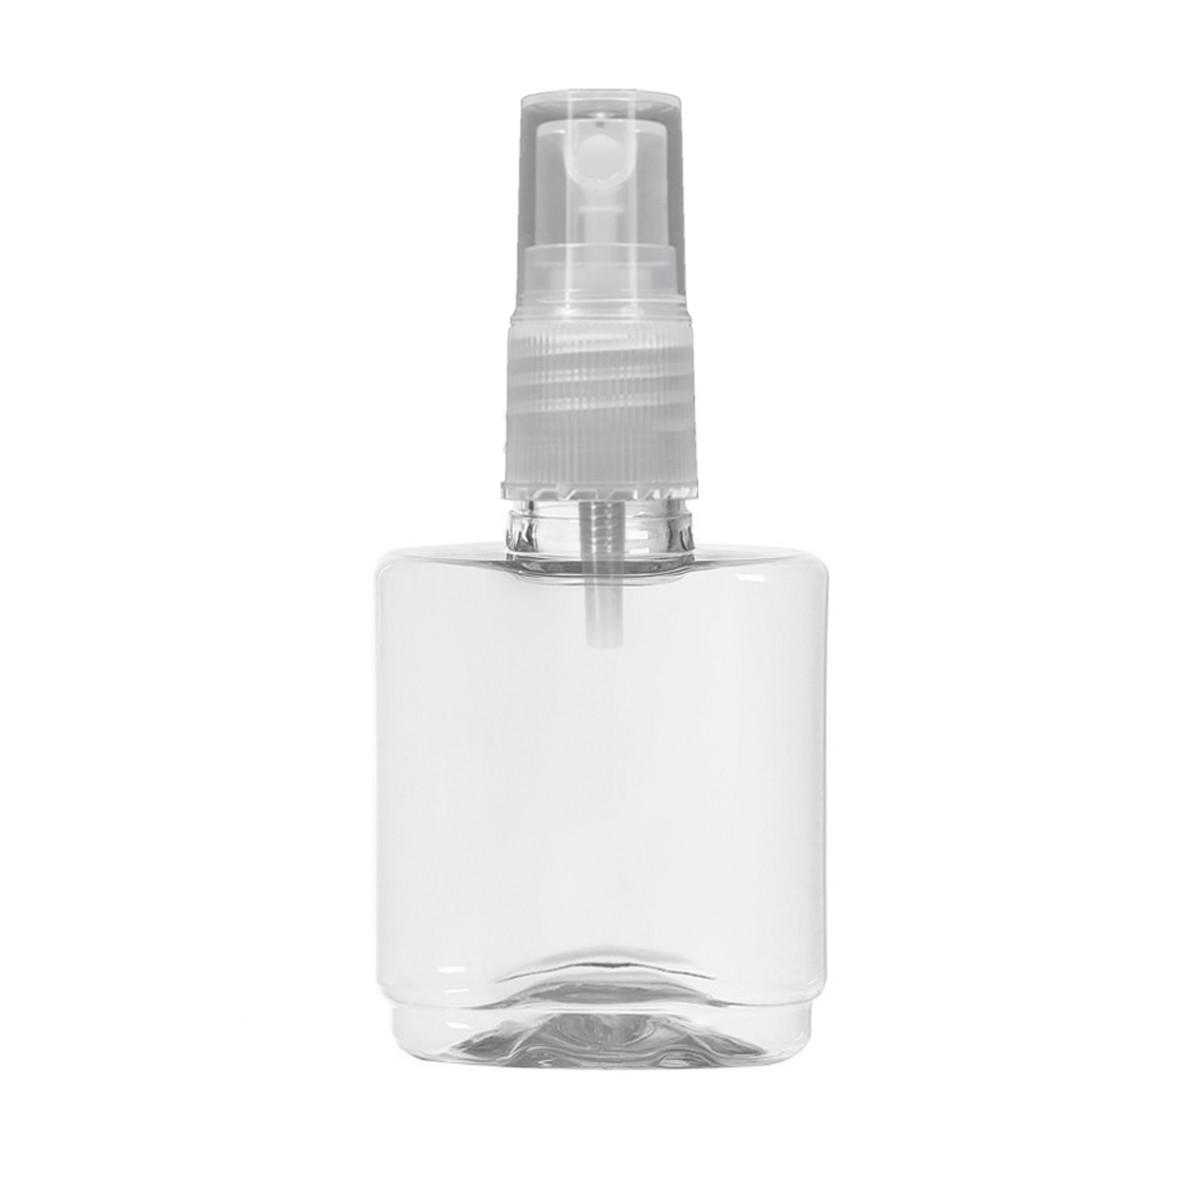 Frasco Pet 35ml Oval Valvula Spray Cor:Transparente